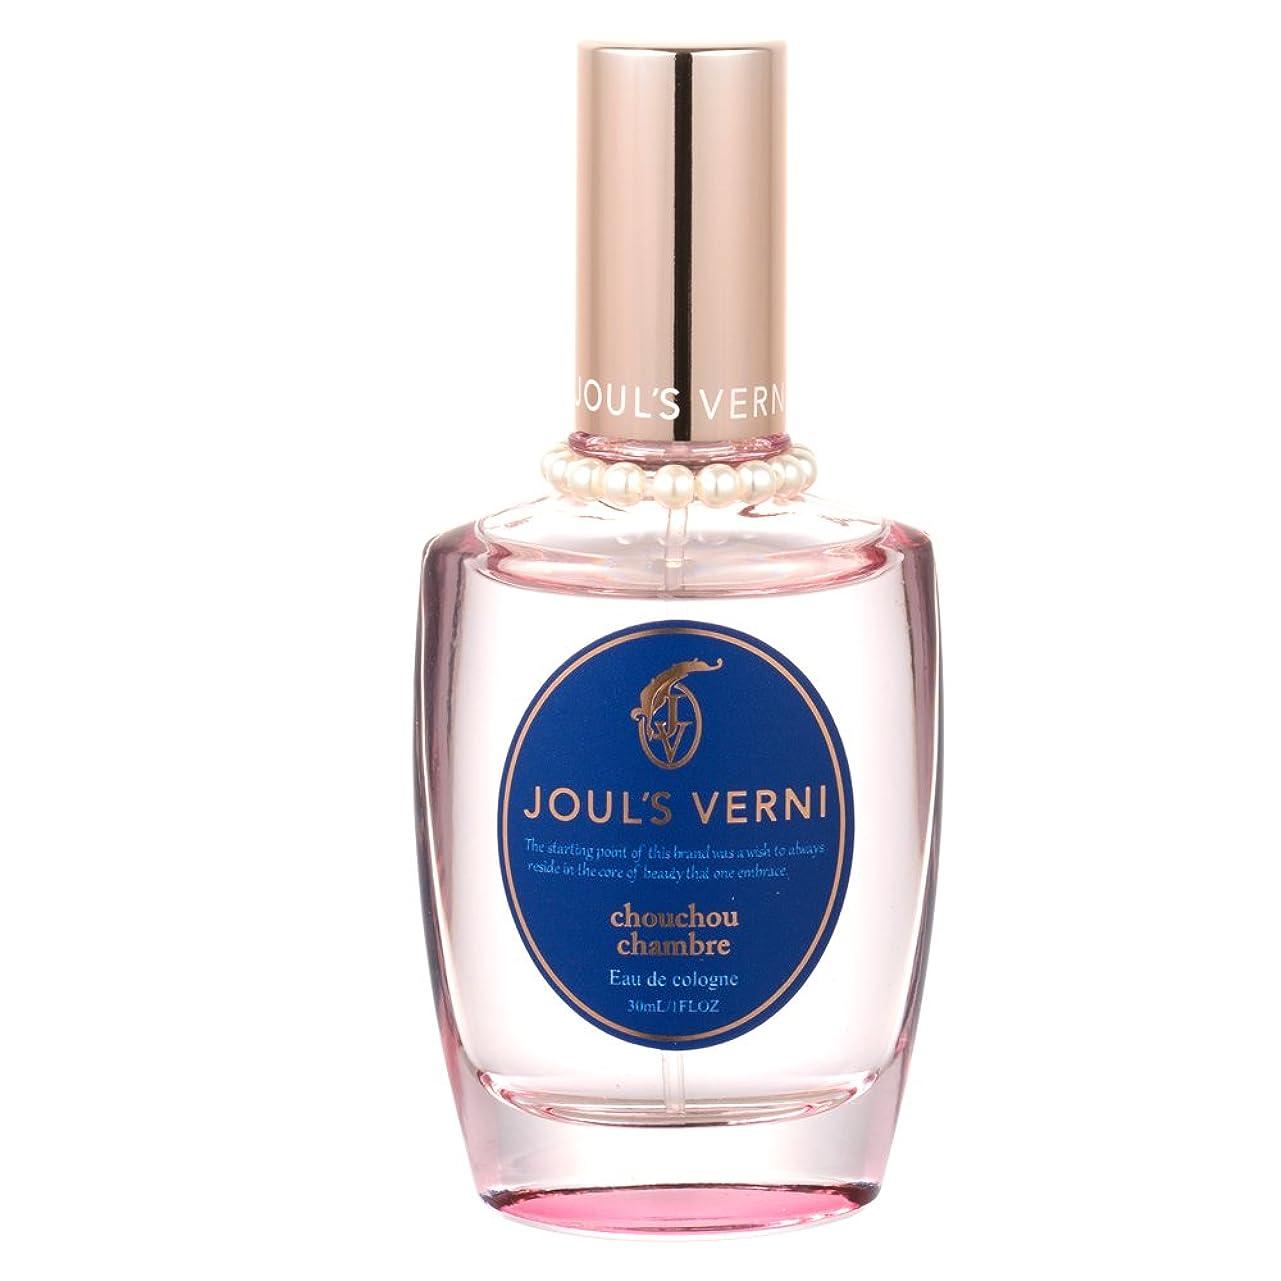 壊す前投薬美的ジュール ベルニ フレグランスミスト (オーデコロン) (シュシュ シャンブレの香り) 30ml